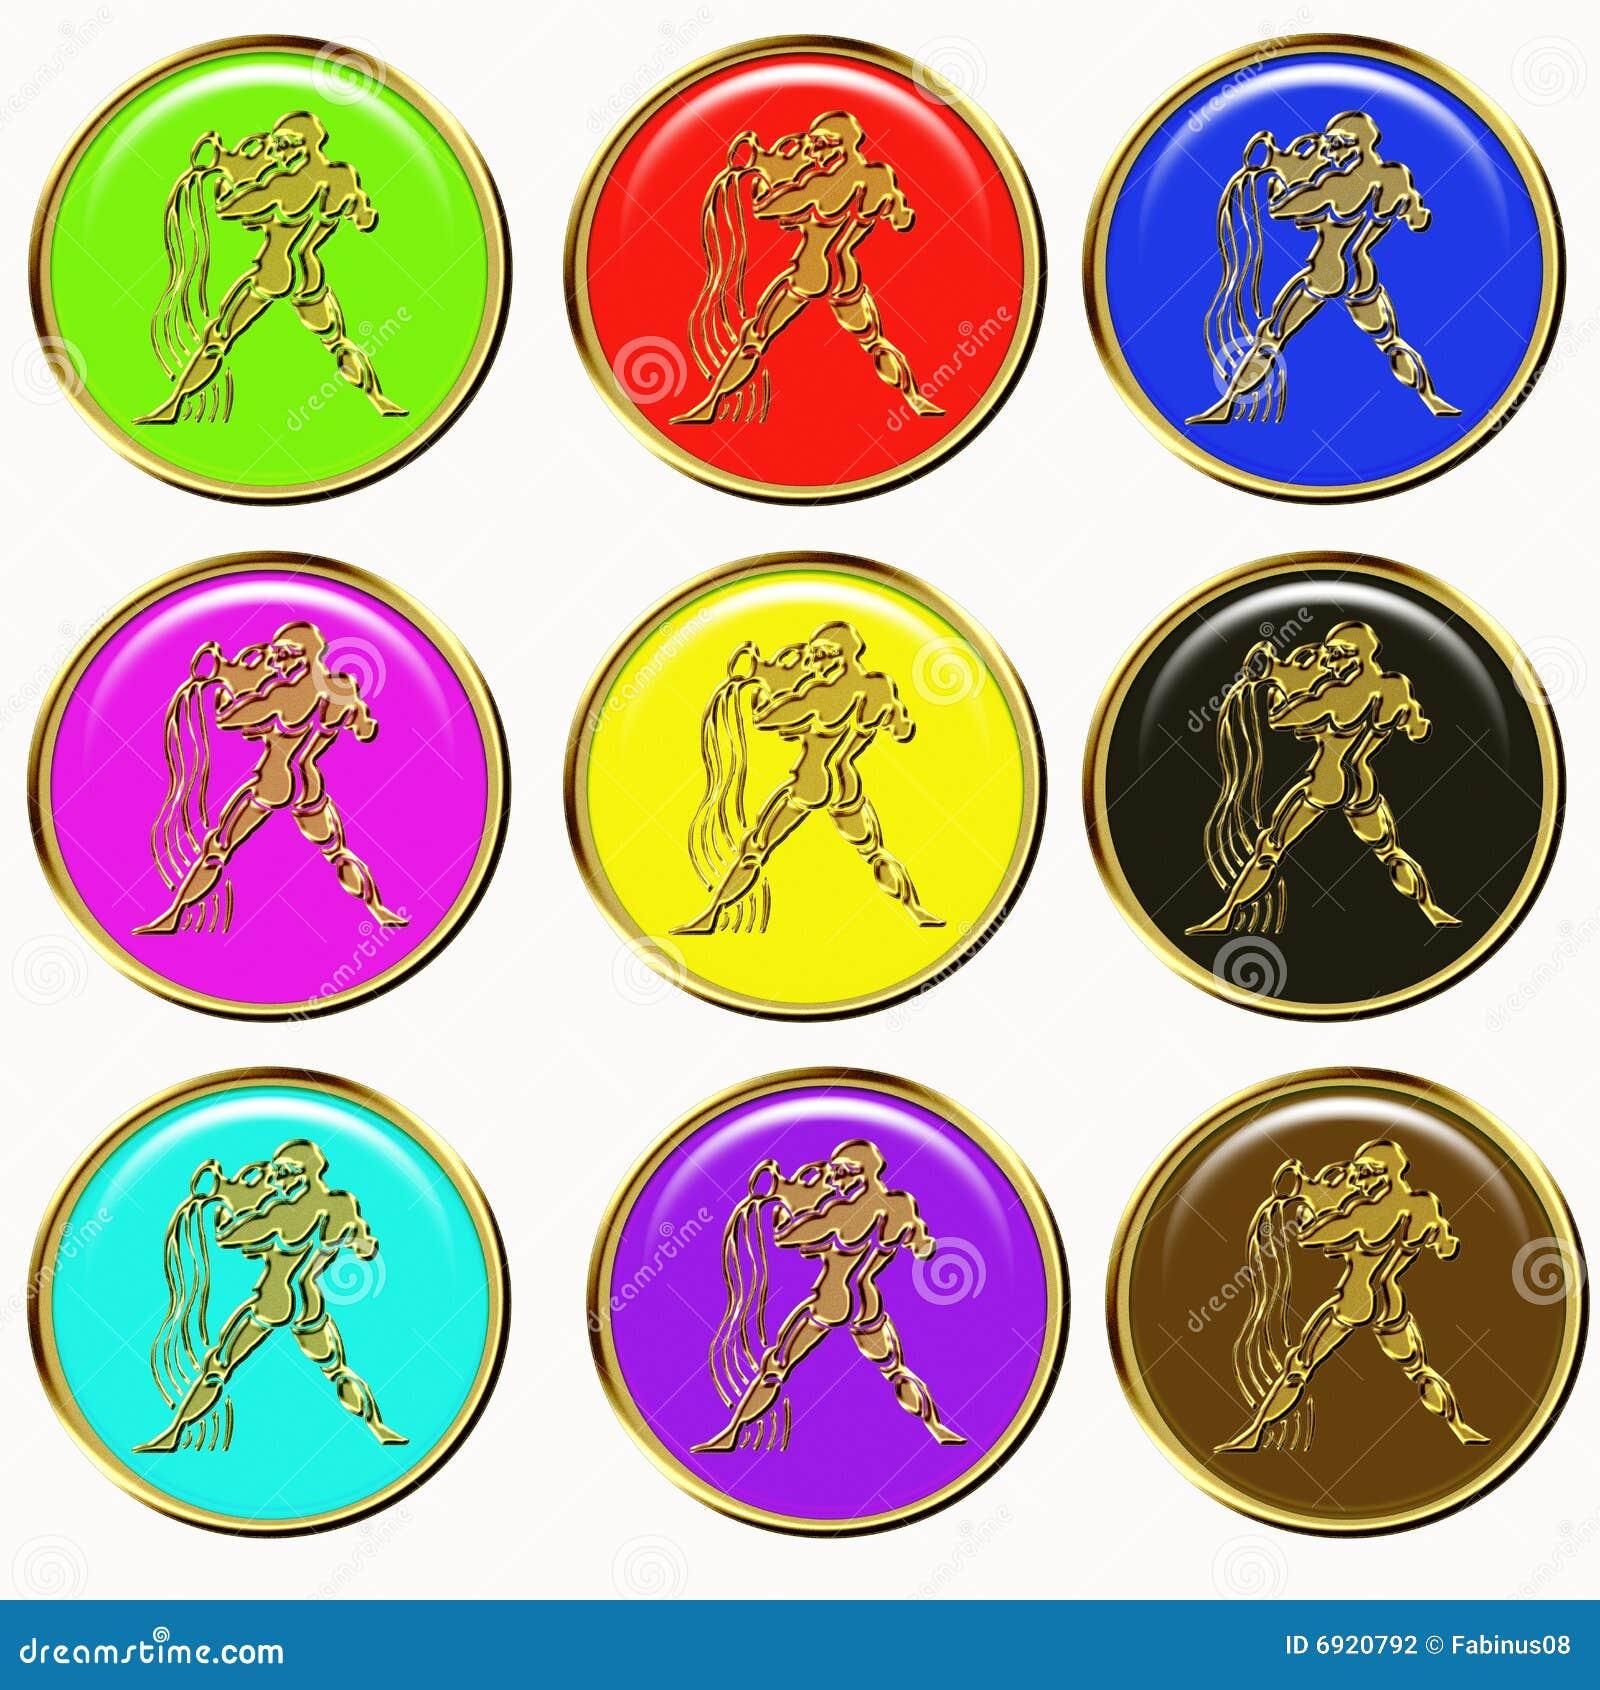 Aquarius Horoscope Buttons